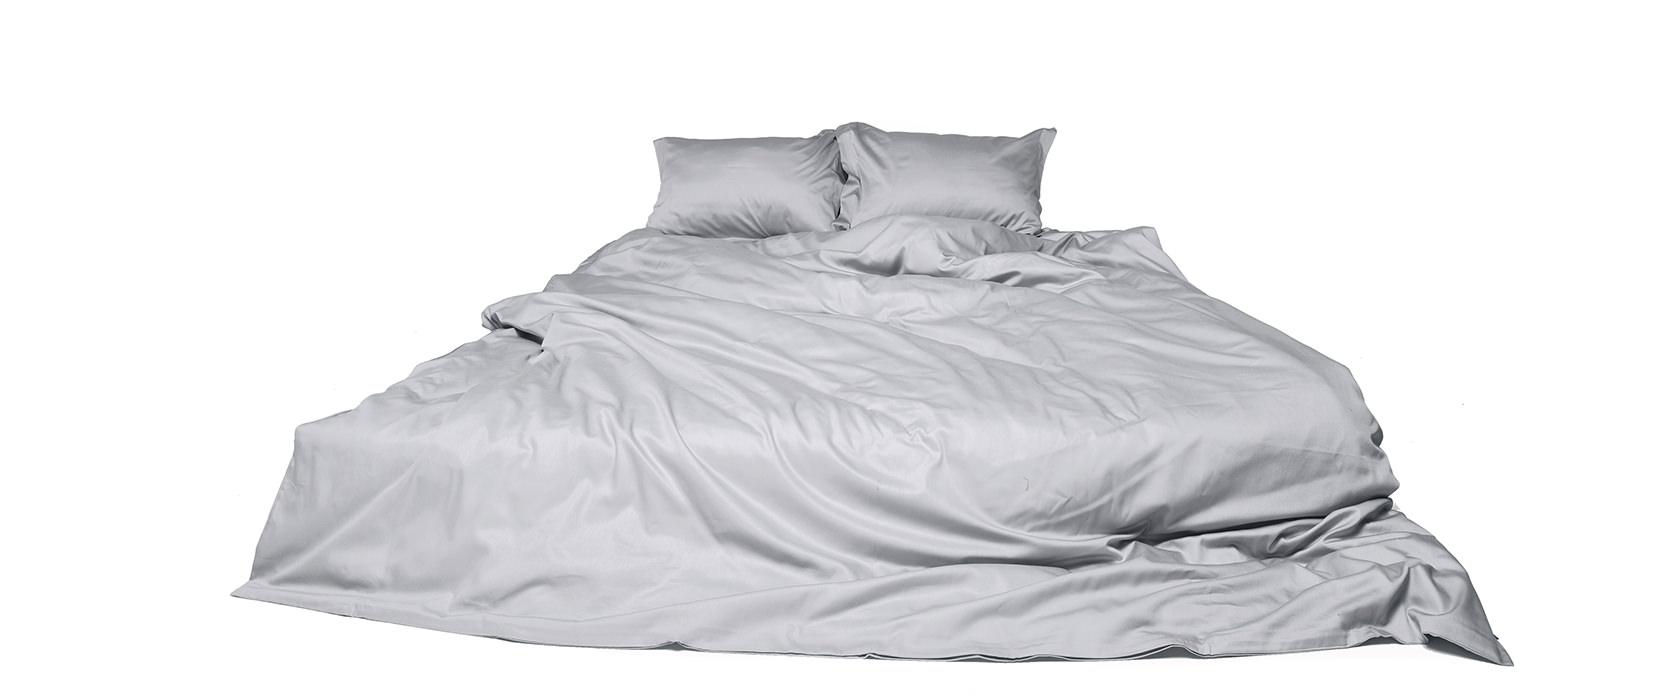 Комплект постельного белья Двуспальный - Pufetto